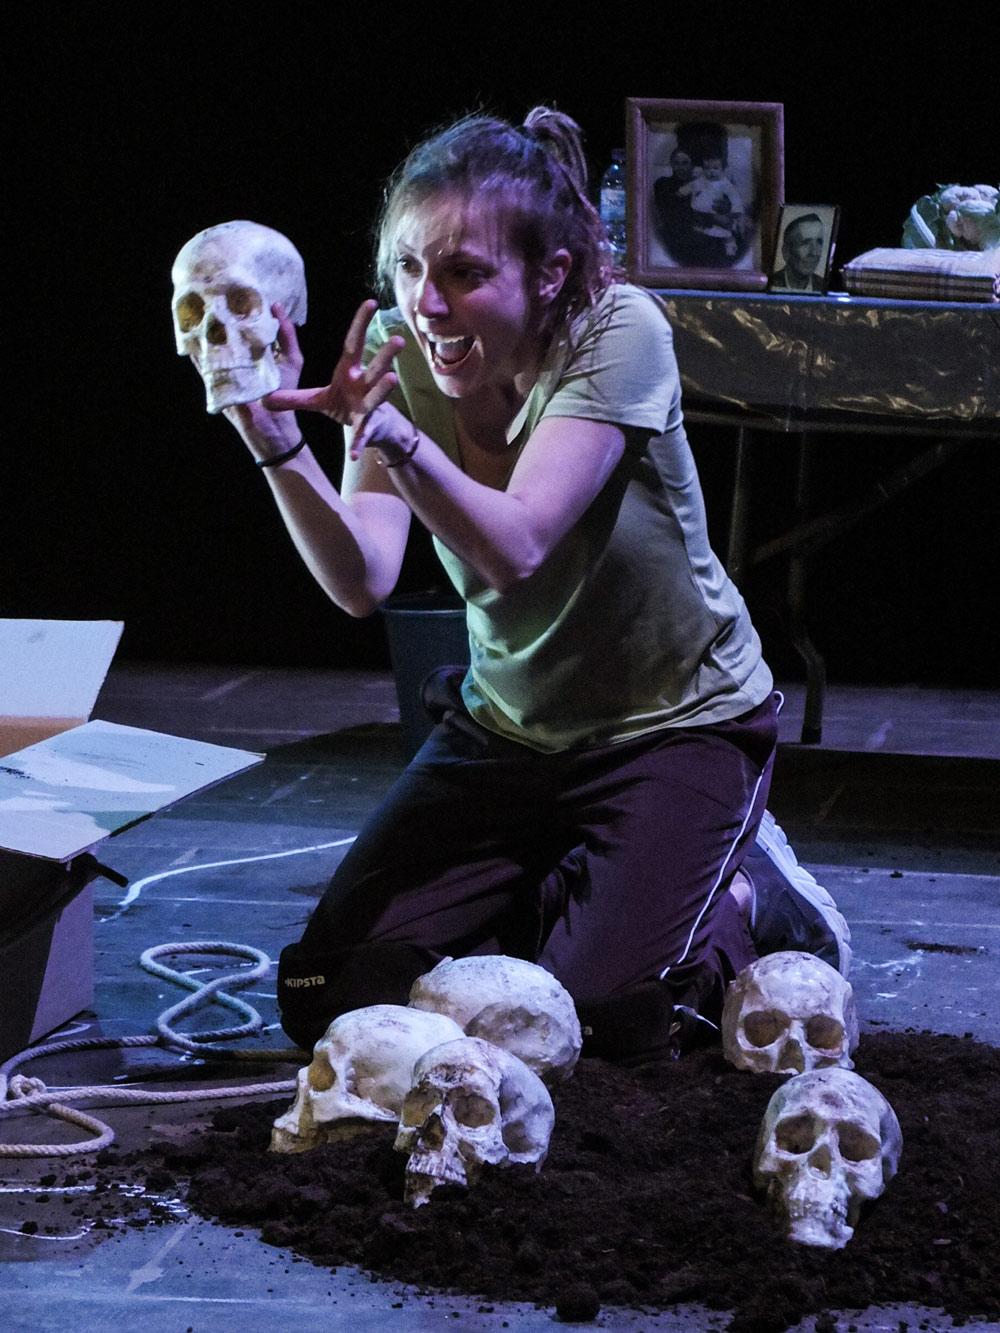 Sonia espinosa - profesora meisner barcelona movimiento interpretación actores